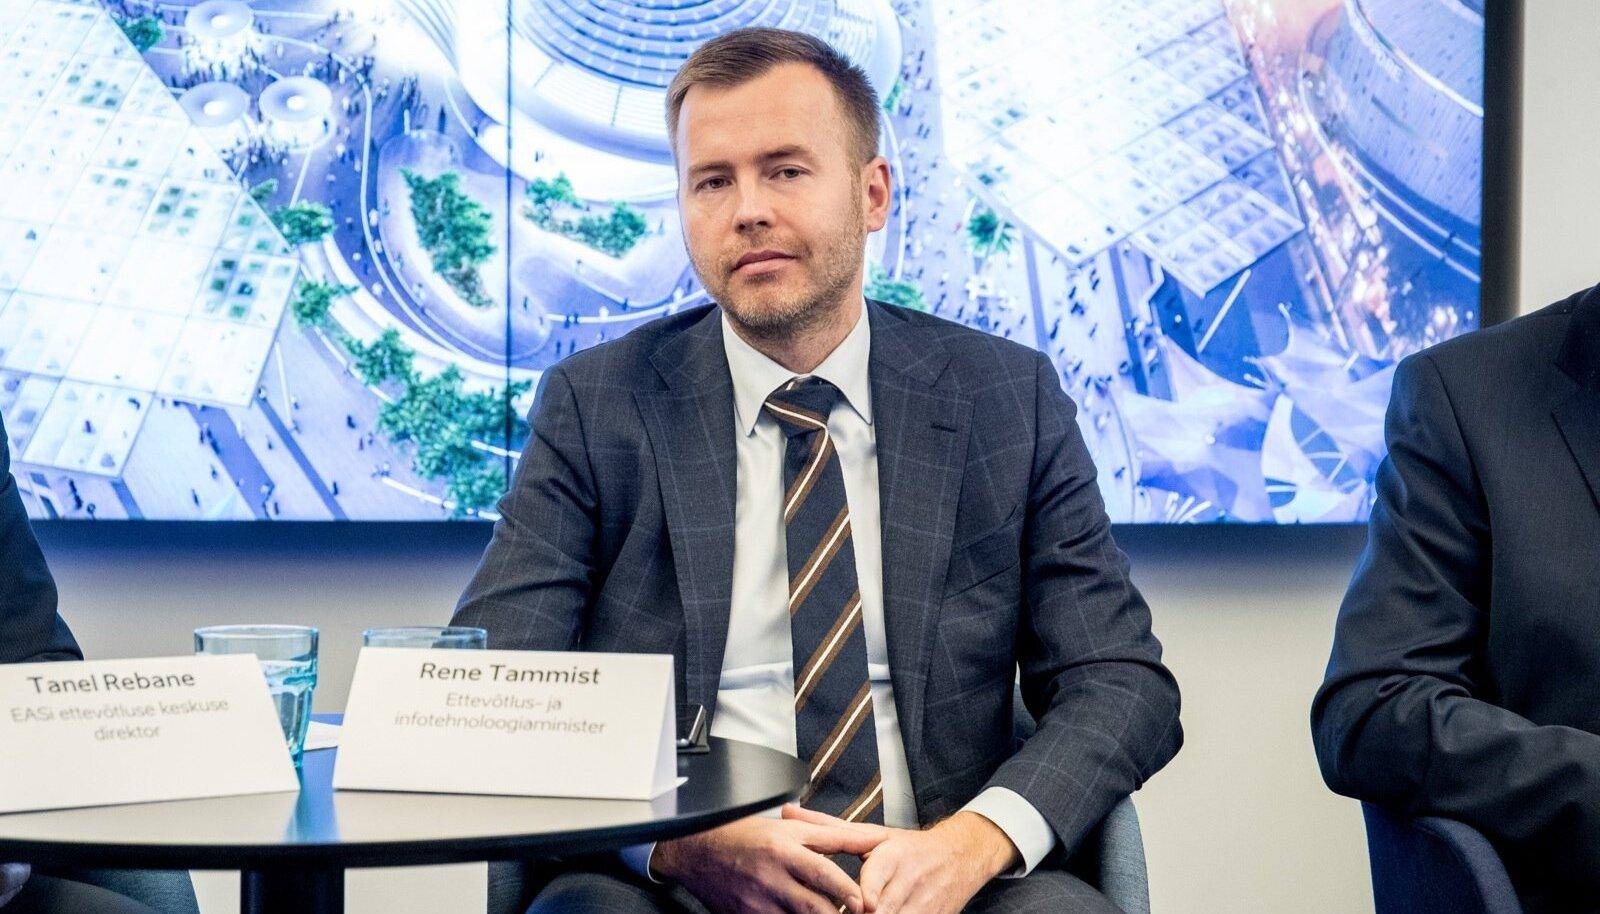 Ettevõtlus- ja infotehnoloogiaminister Rene Tammist